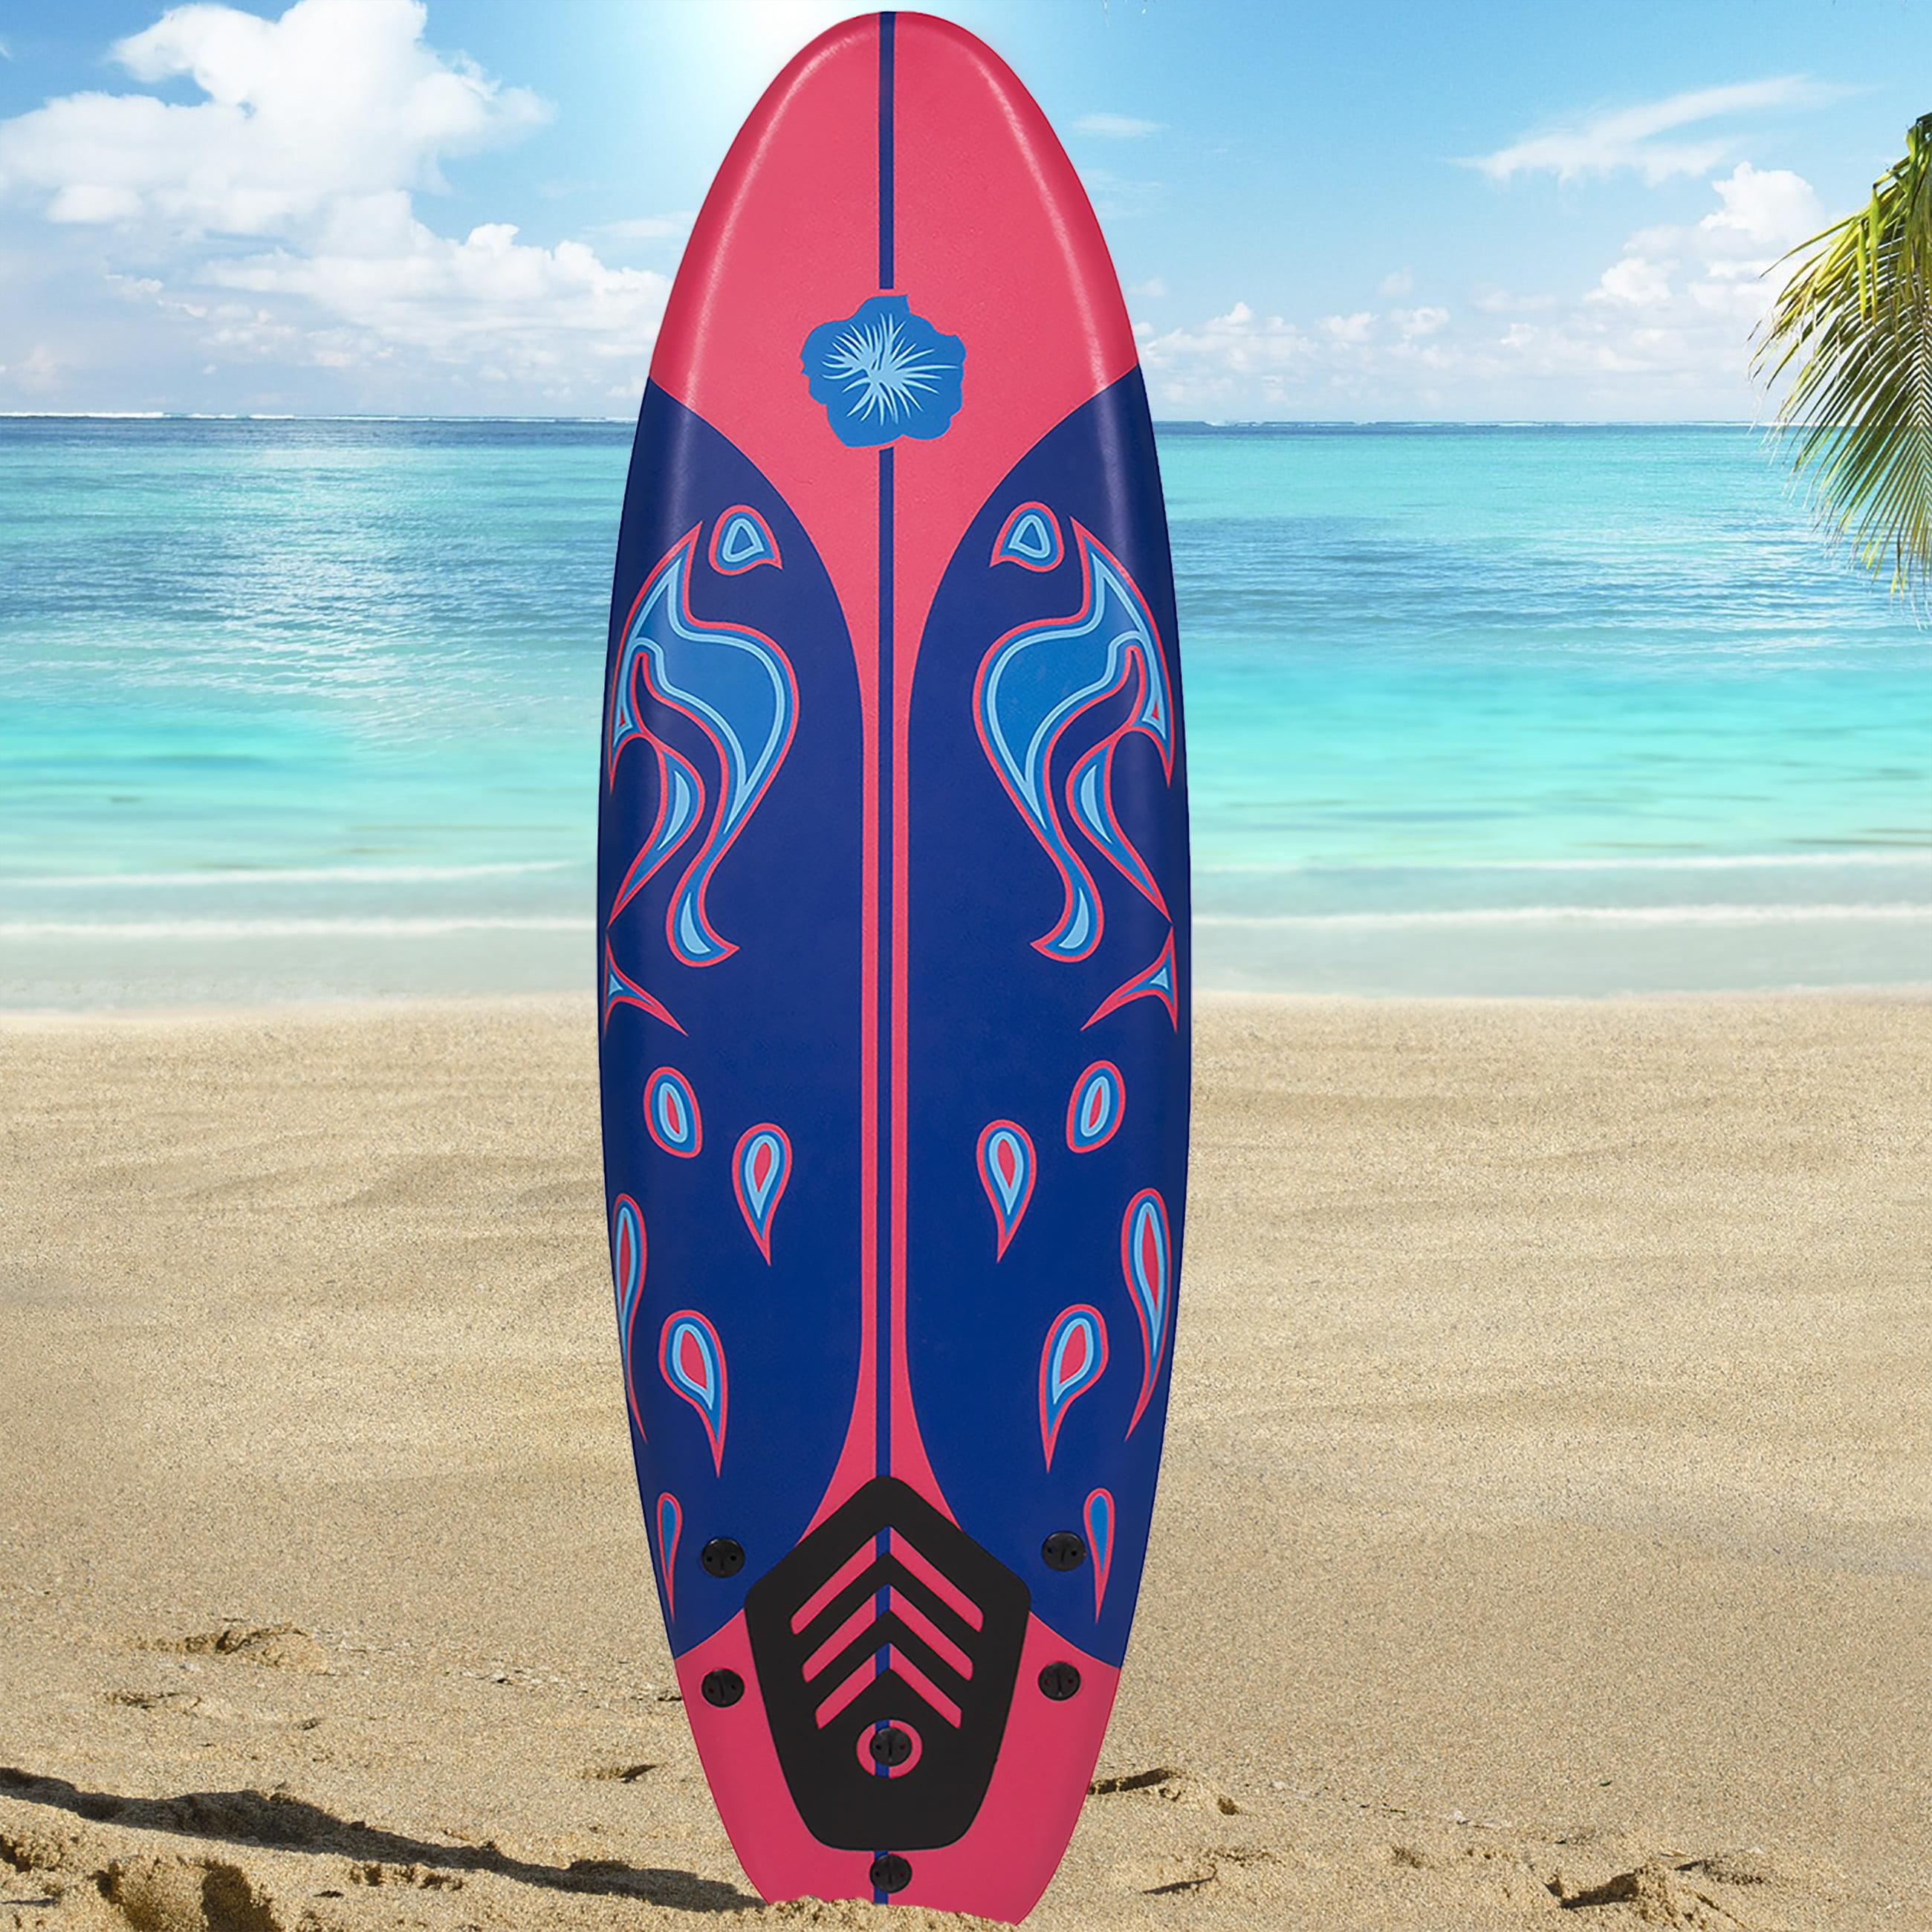 Surfboard 6' Foamie Board Surfboards Surfing Surf Beach Ocean Body Boarding New by